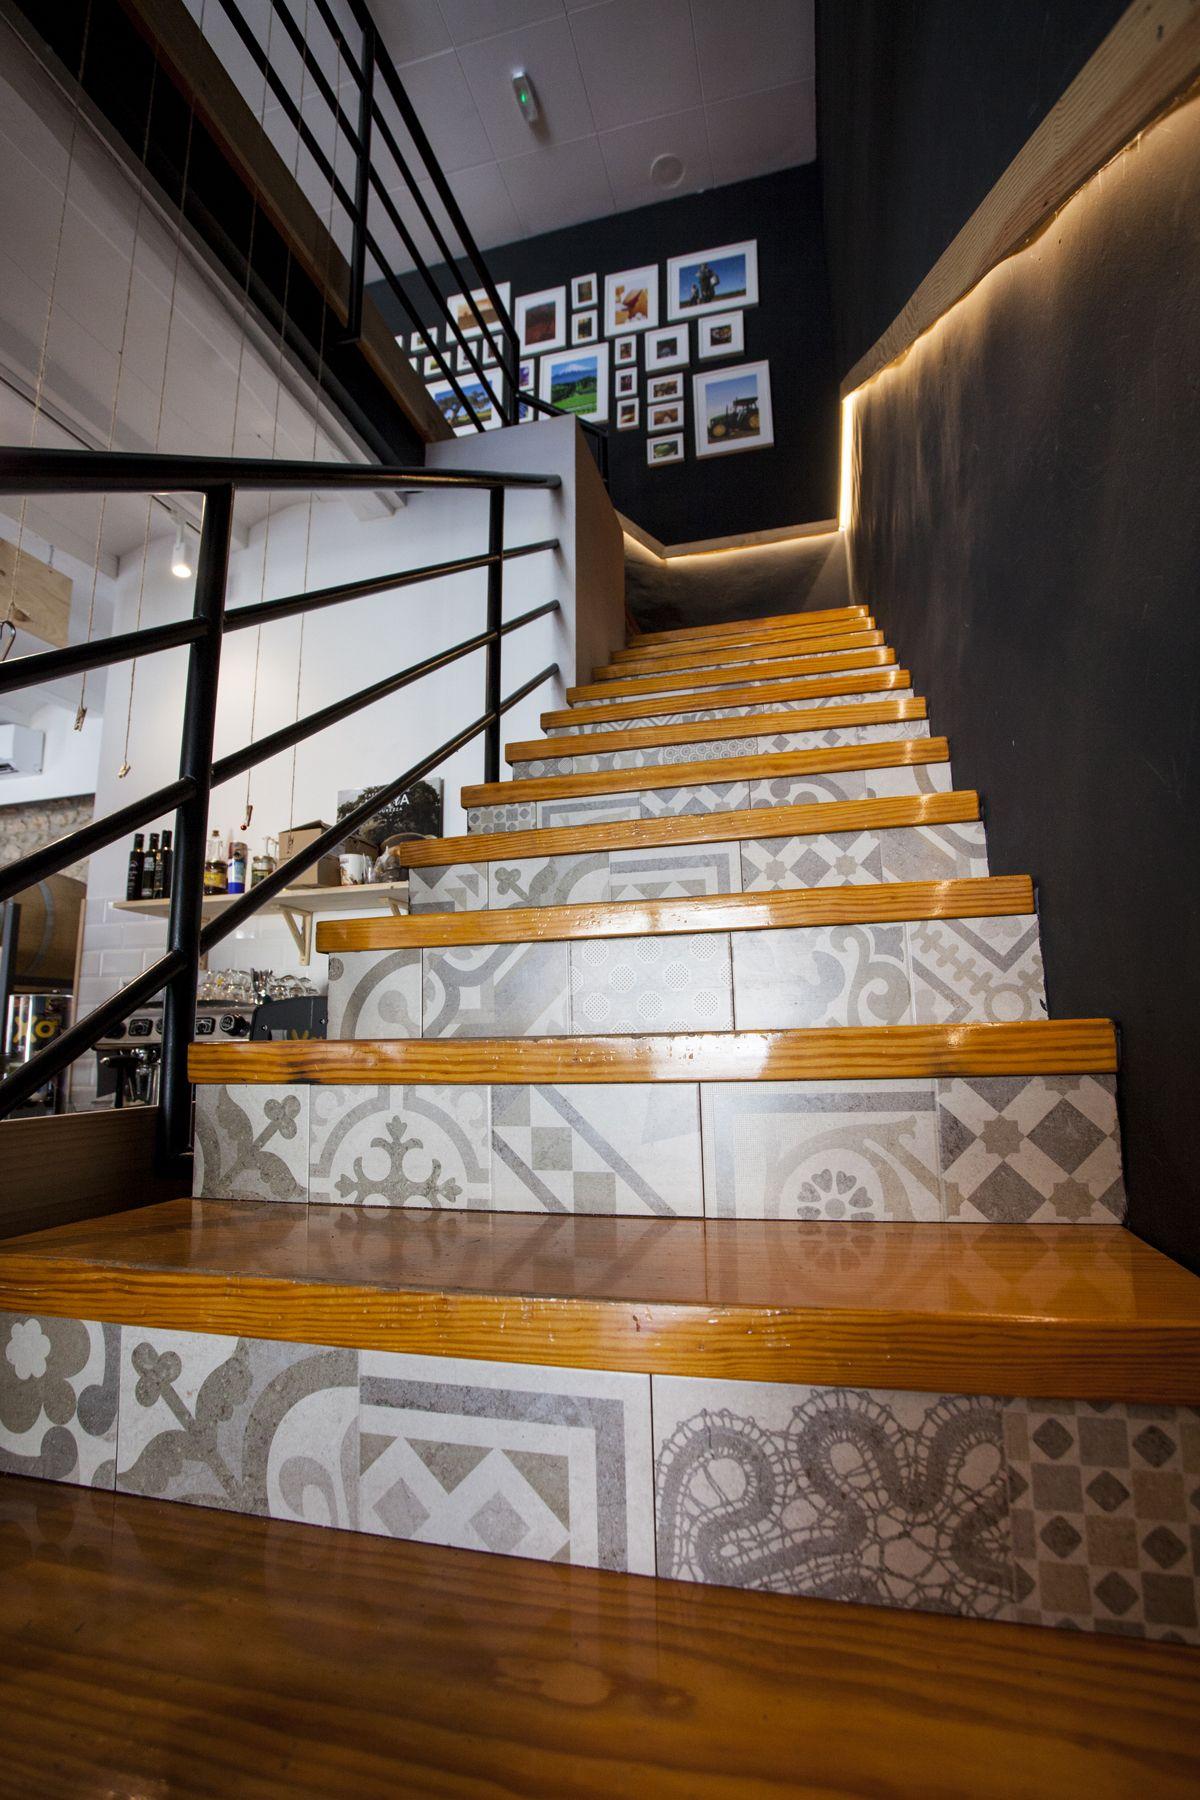 interiorisme, hidràulica disseny, refoma, diseño interior, interiorismo, decoración, a granel, interiorisme, Amposta, Delta de l'Ebre, TTEE, mosaic hidràulic, morter, formigó, nordico, nòrdic style, agrapats amposta, wood, plywood, pino, parquet roble,